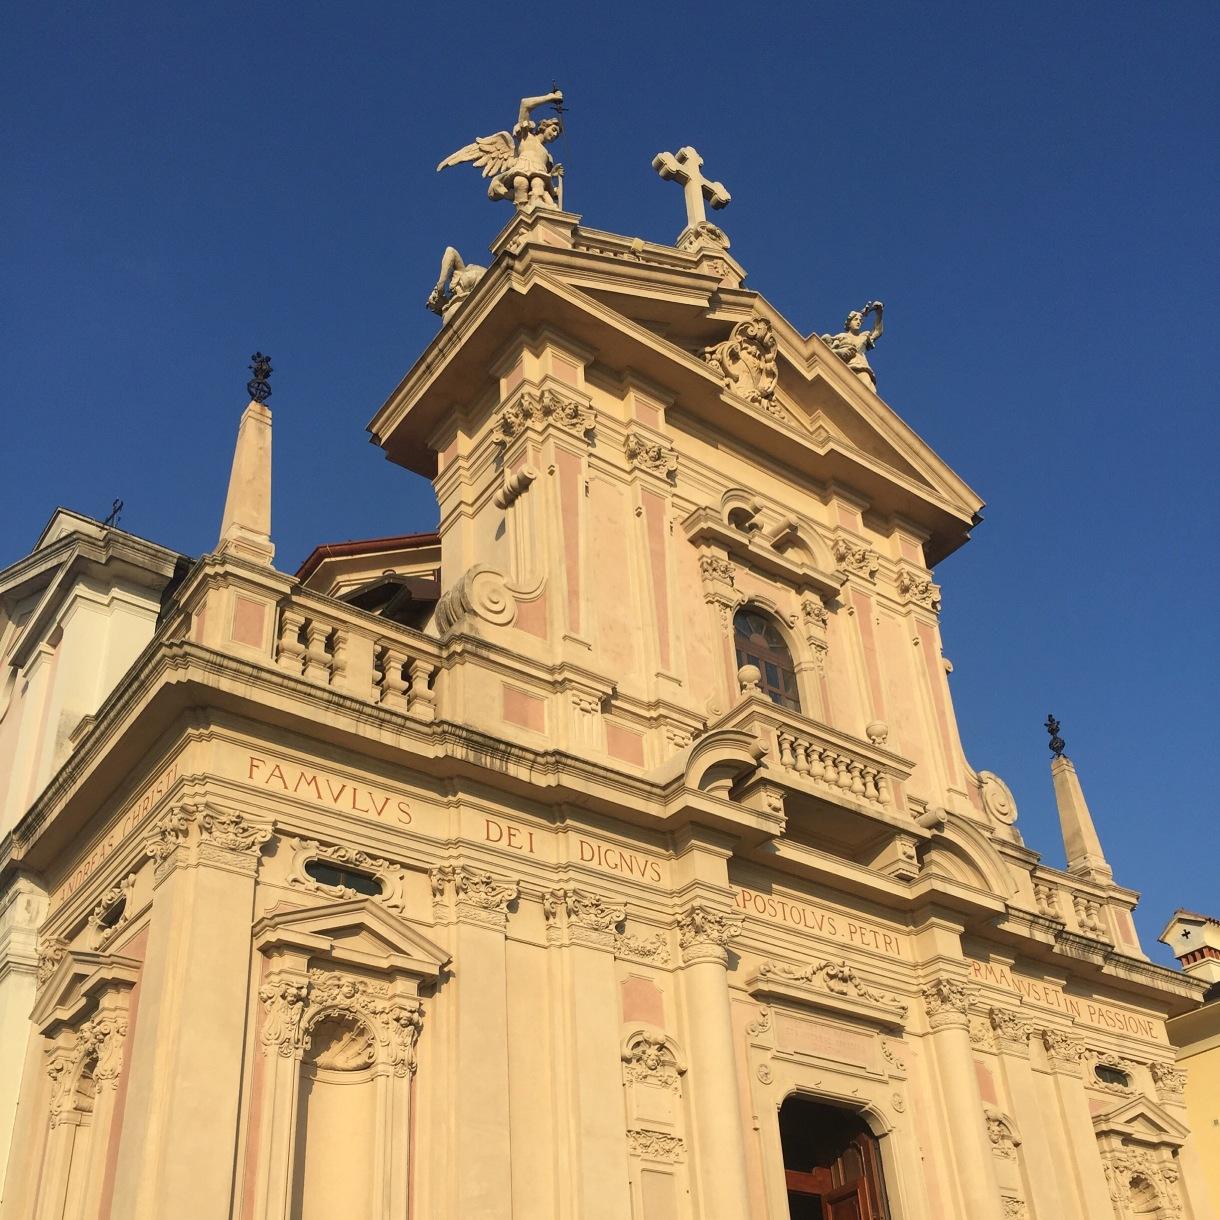 Chiesa di Sant'Andrea – the St. Andrew